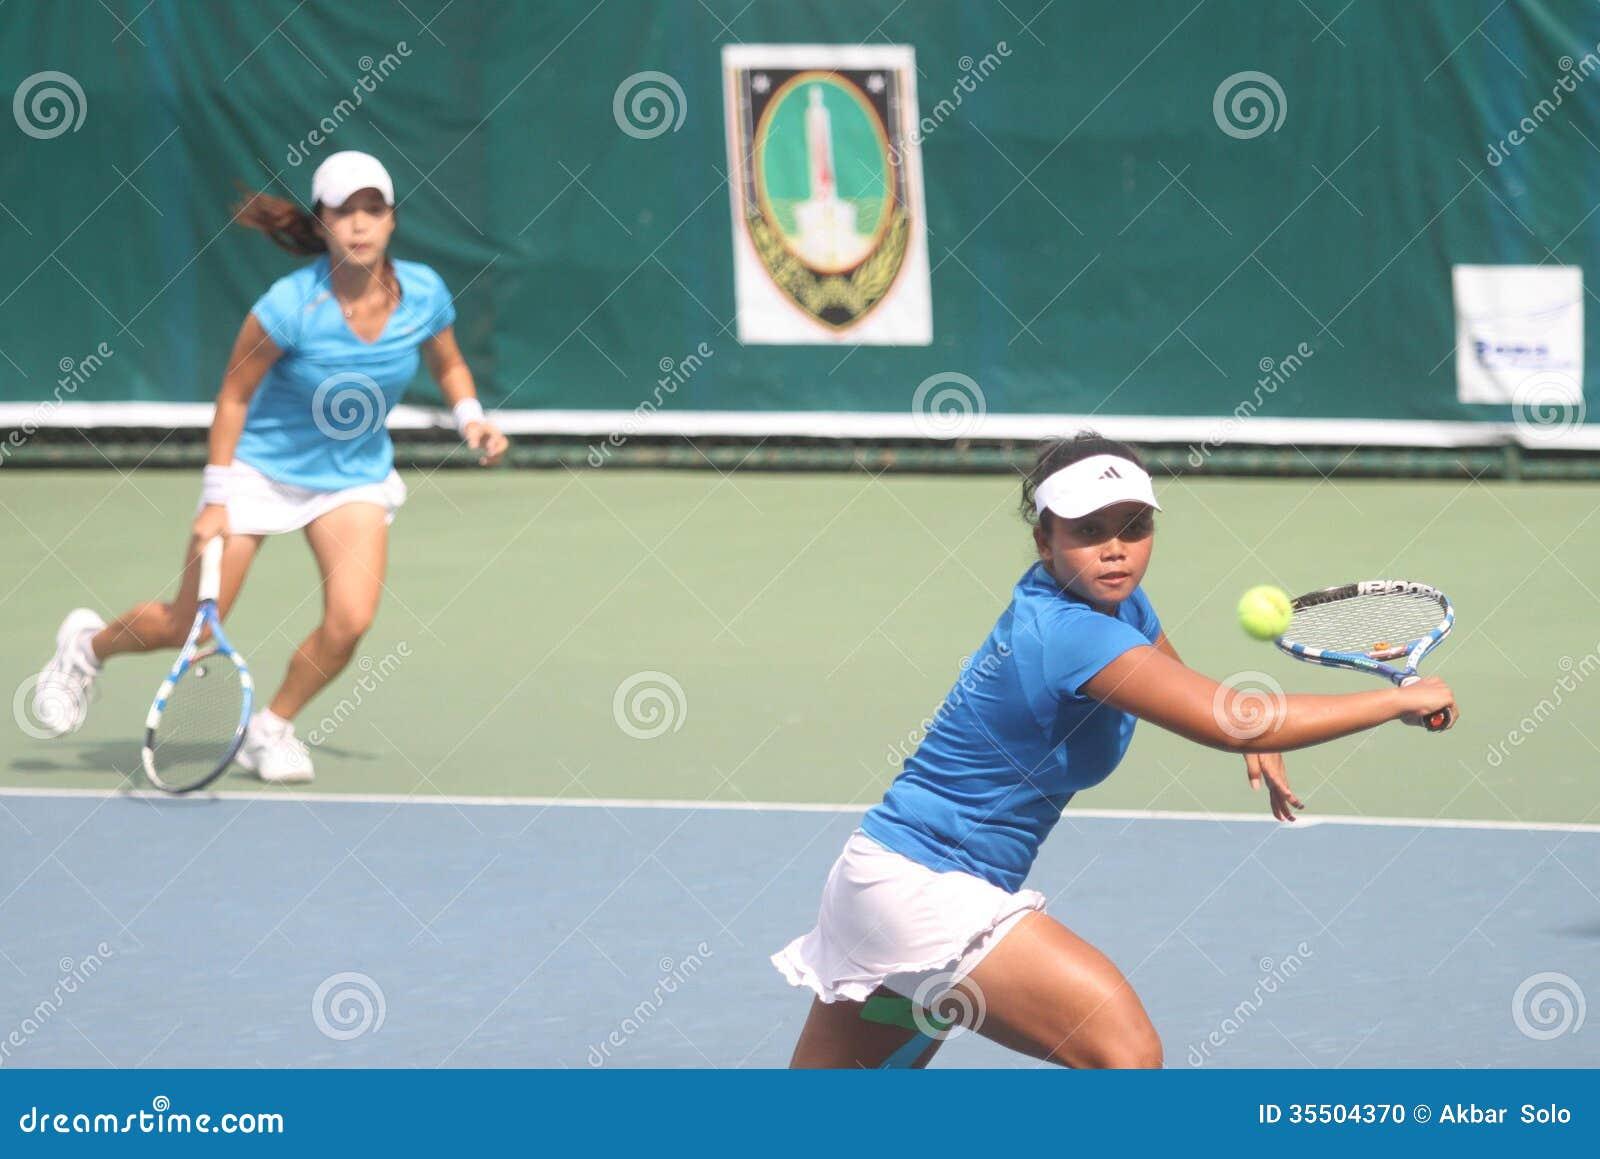 Двойная в теннисе что такое [PUNIQRANDLINE-(au-dating-names.txt) 53